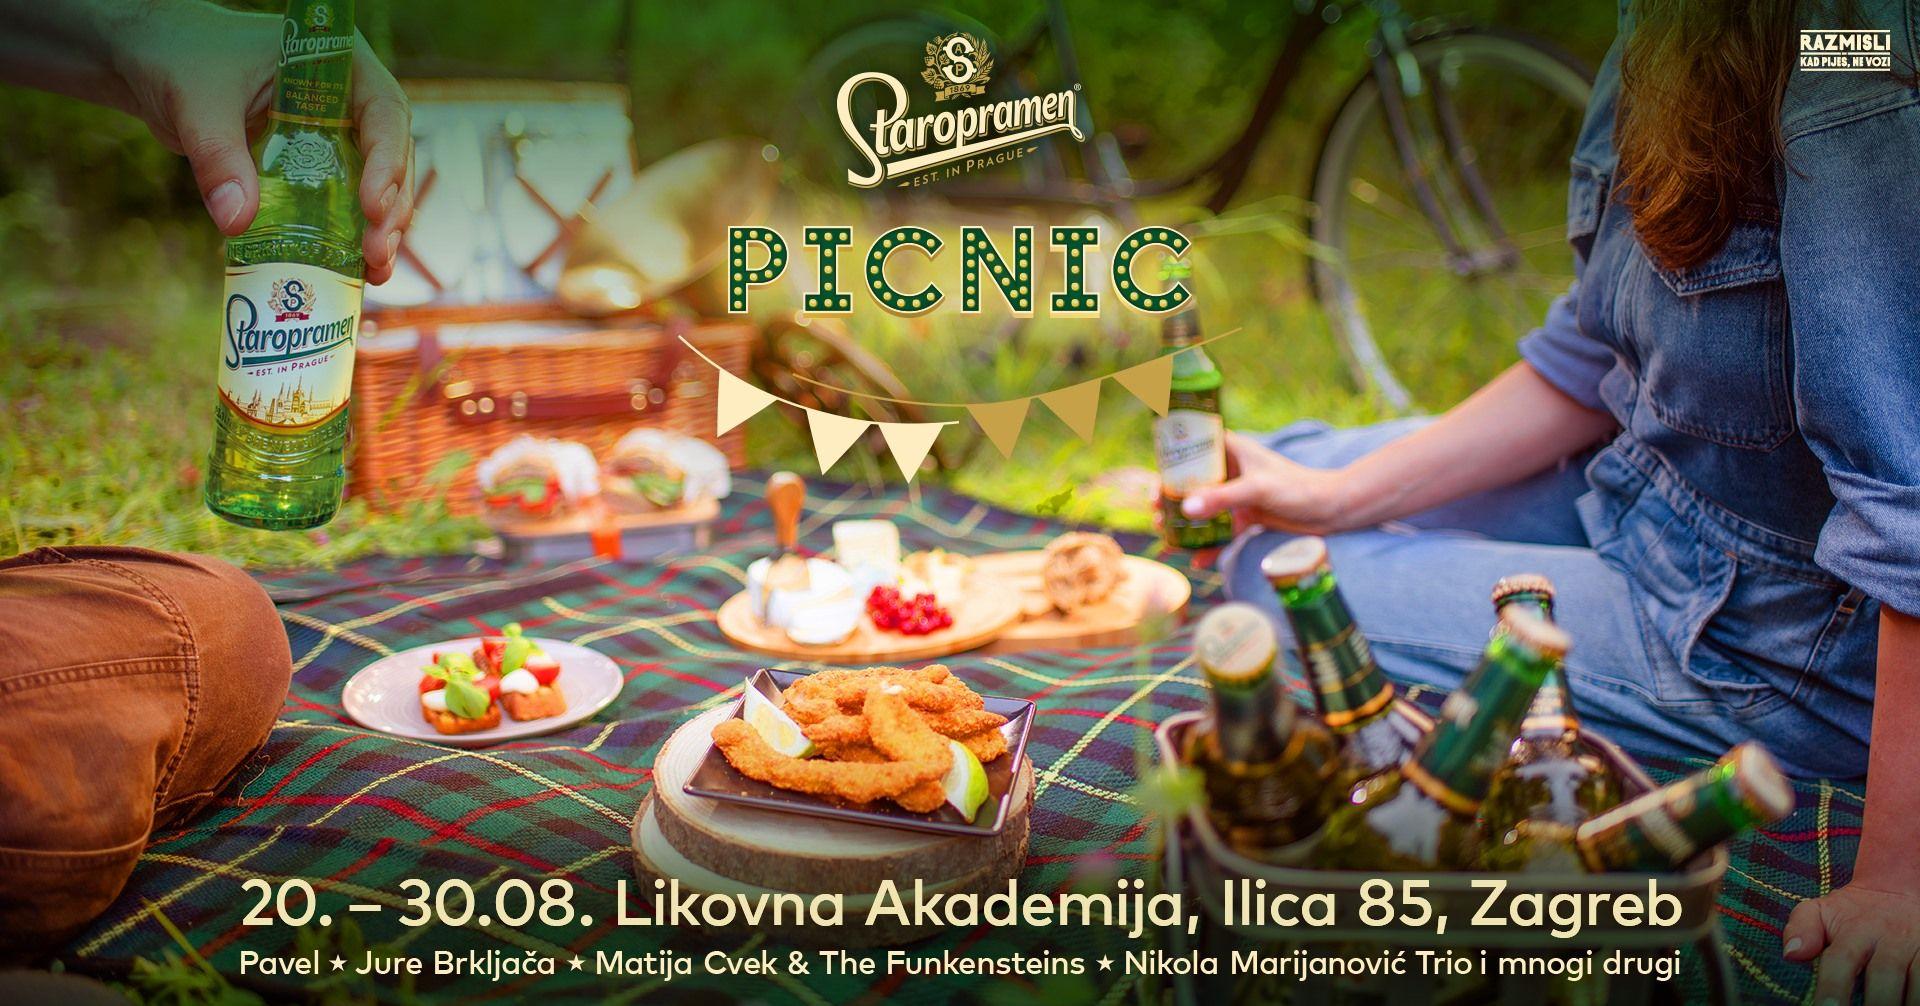 Matija Cvek, Vinko Ćemeraš, Pavel, Jure Brkljača i mnogi drugi čekaju vas na Staropramen pikniku